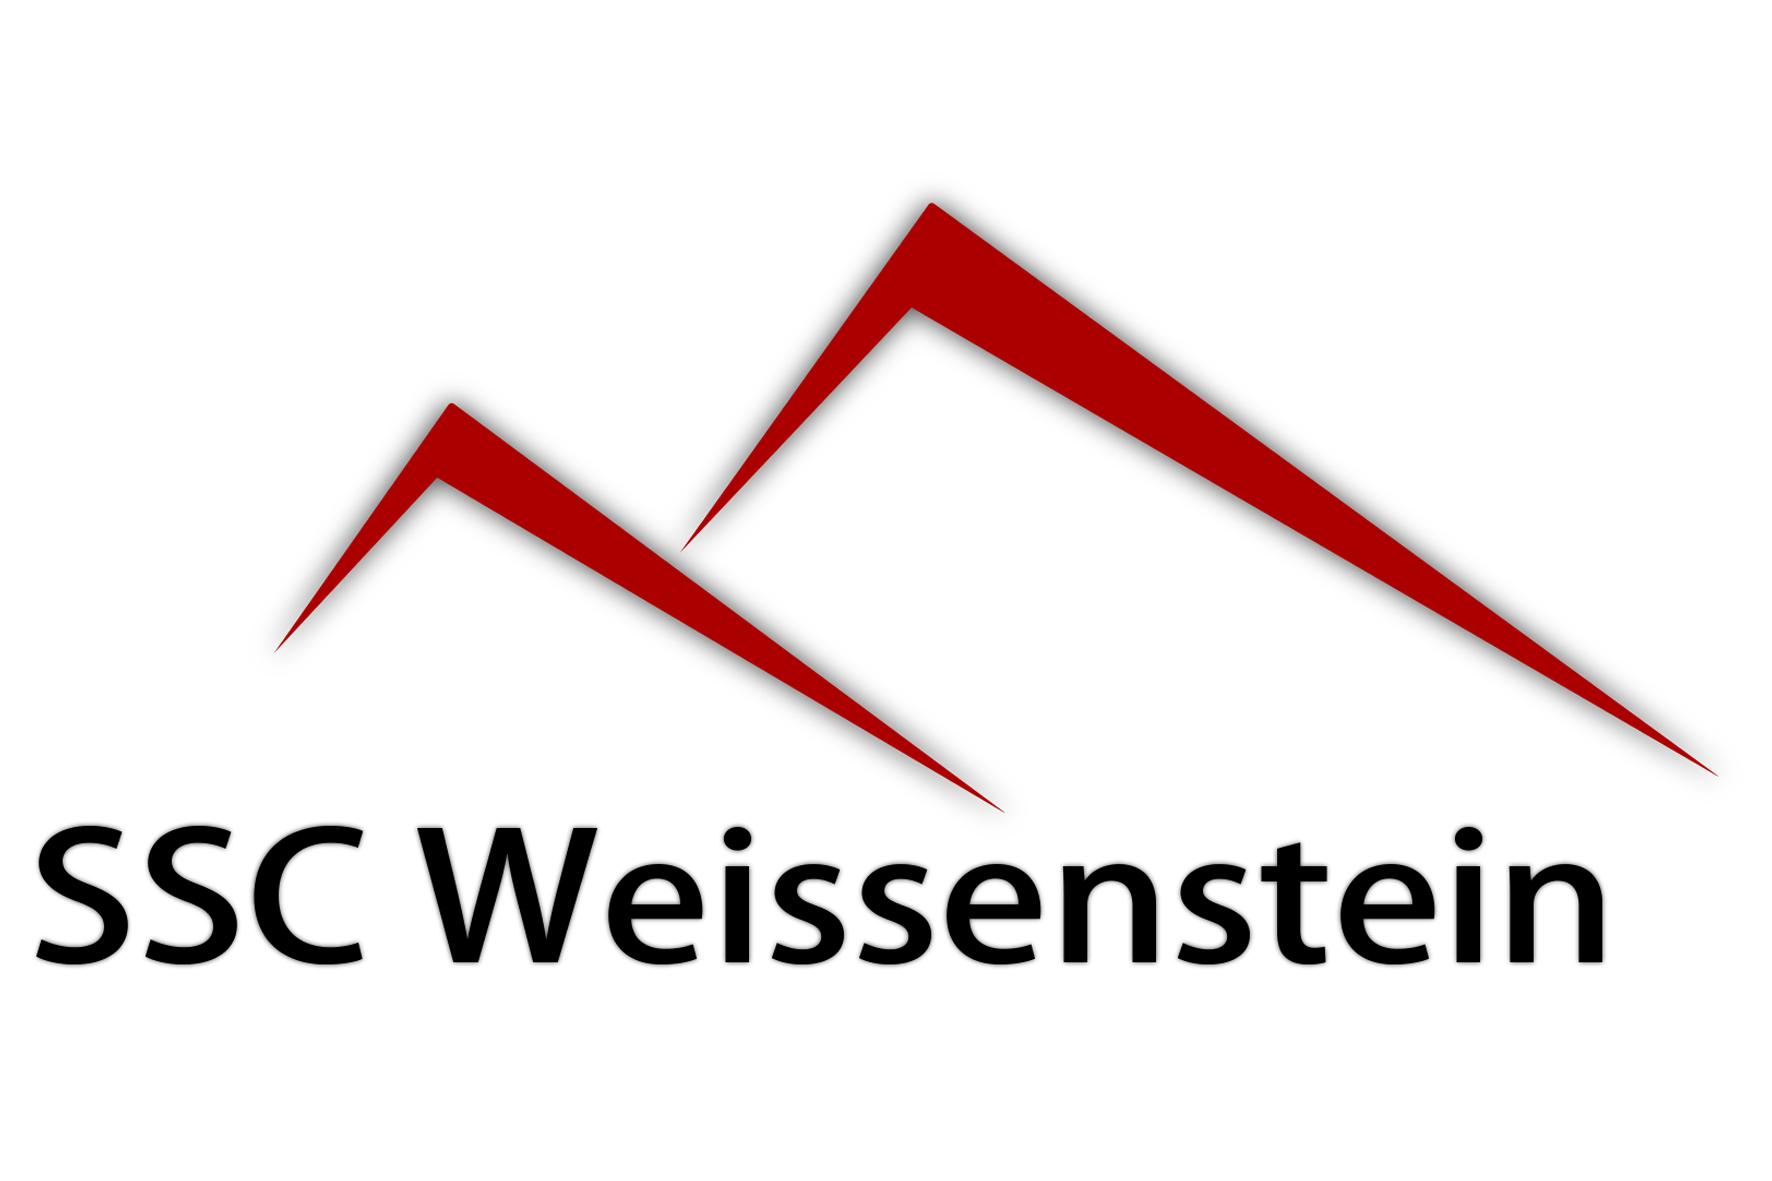 SSC Weissenstein